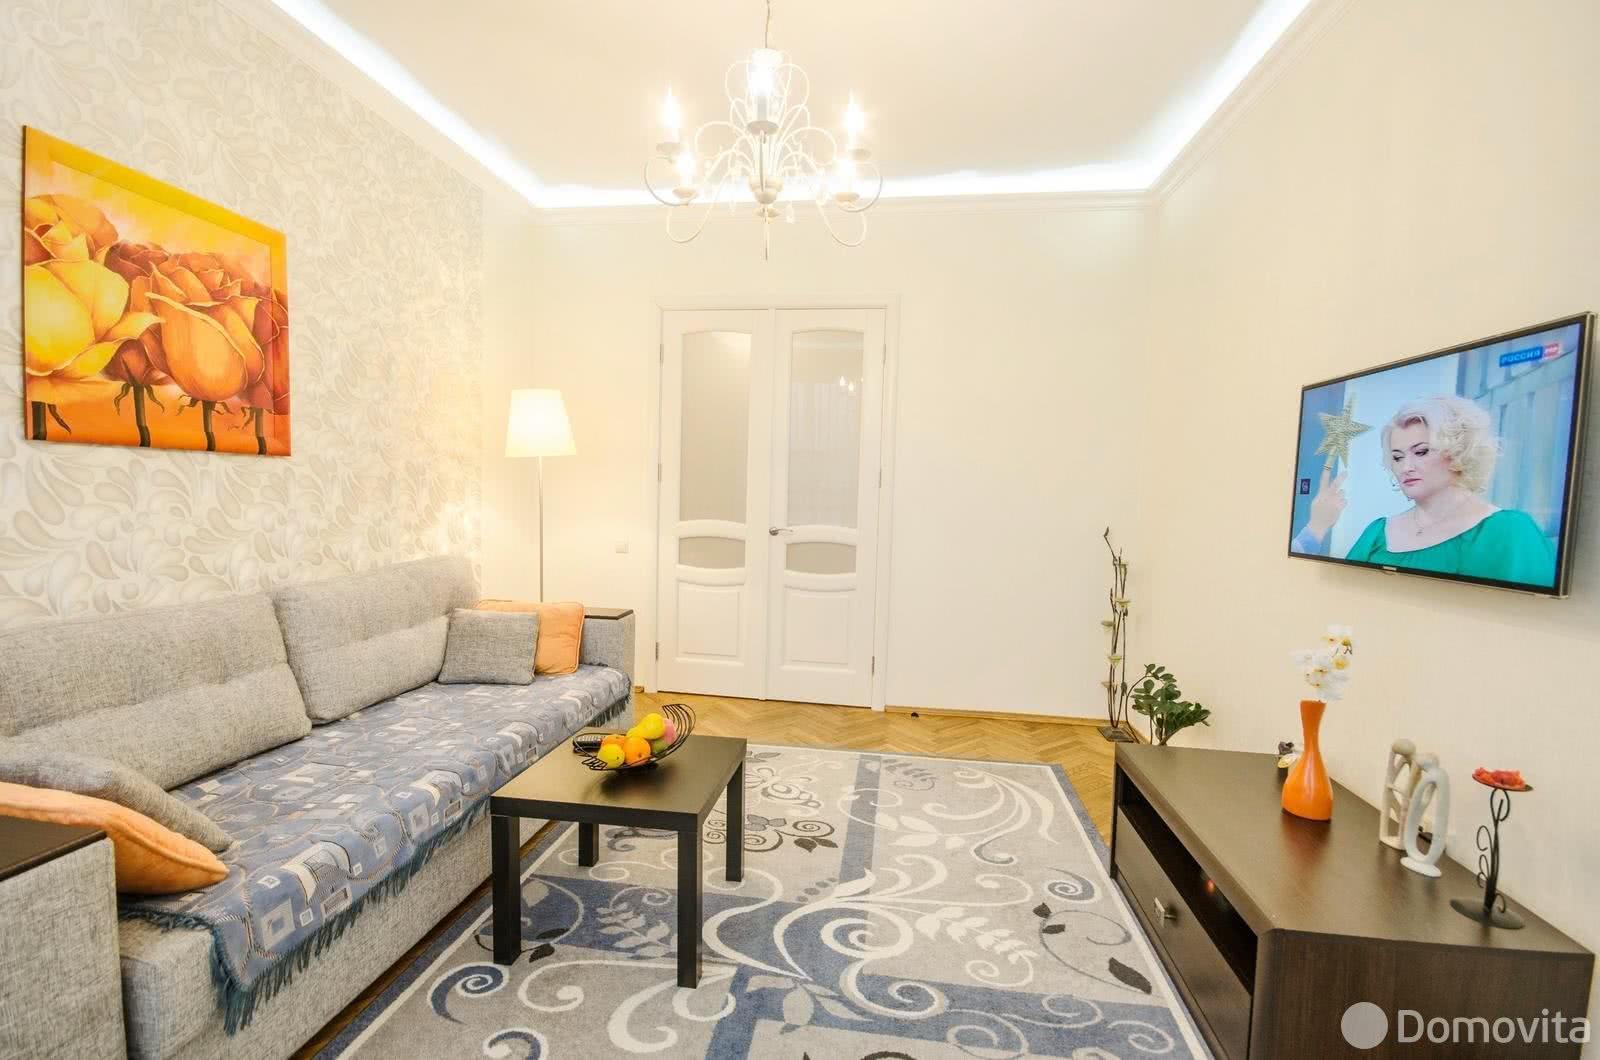 Аренда 2-комнатной квартиры на сутки в Минске, ул. Янки Купалы, д. 11 - фото 4